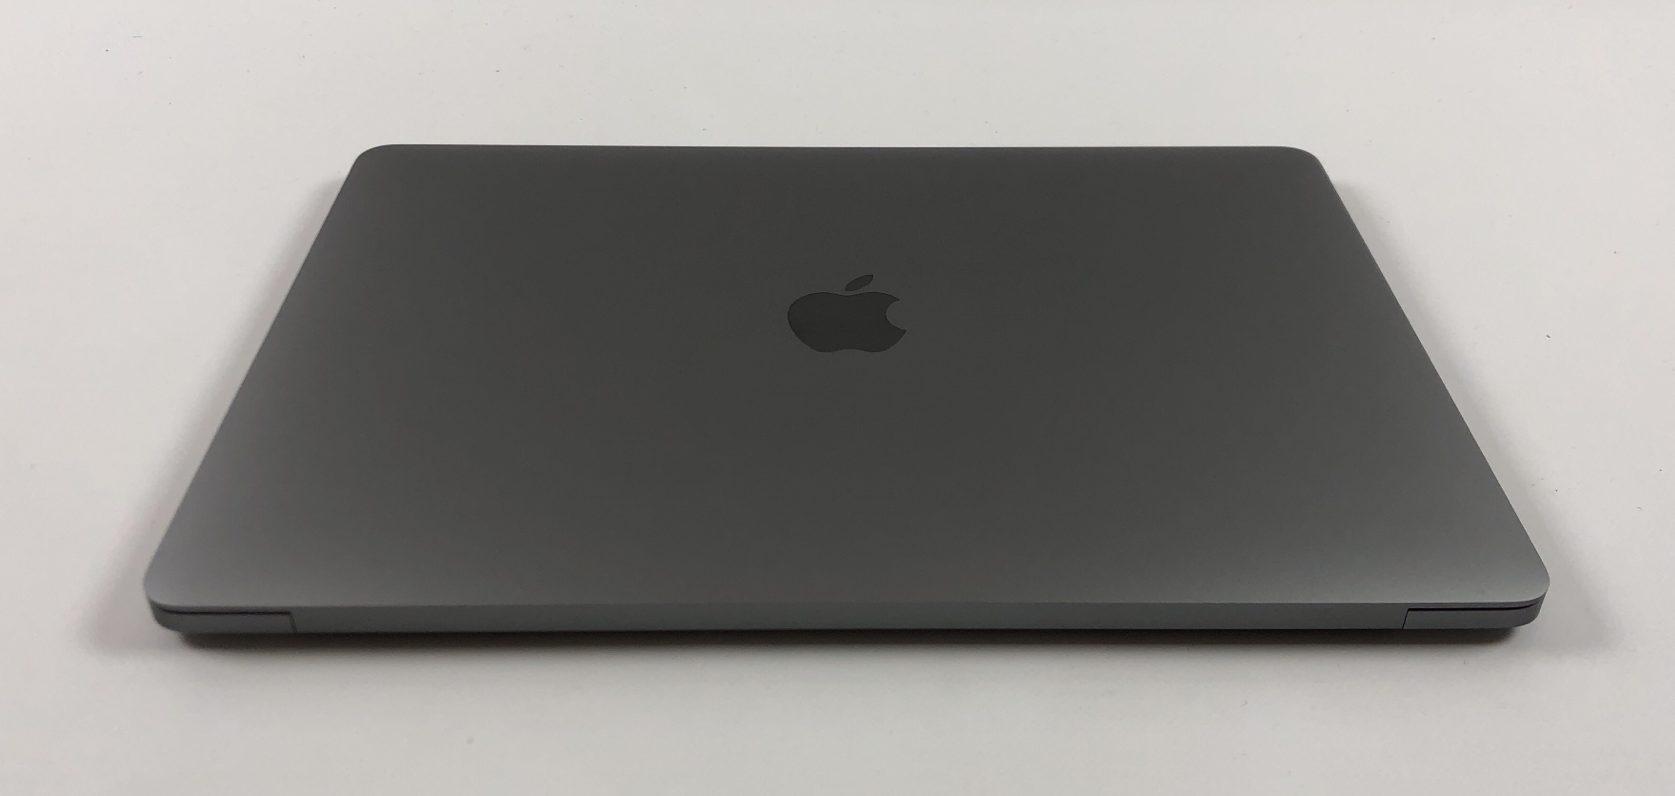 """MacBook Pro 13"""" 2TBT Mid 2017 (Intel Core i5 2.3 GHz 8 GB RAM 256 GB SSD), Space Gray, Intel Core i5 2.3 GHz, 8 GB RAM, 256 GB SSD, Kuva 2"""